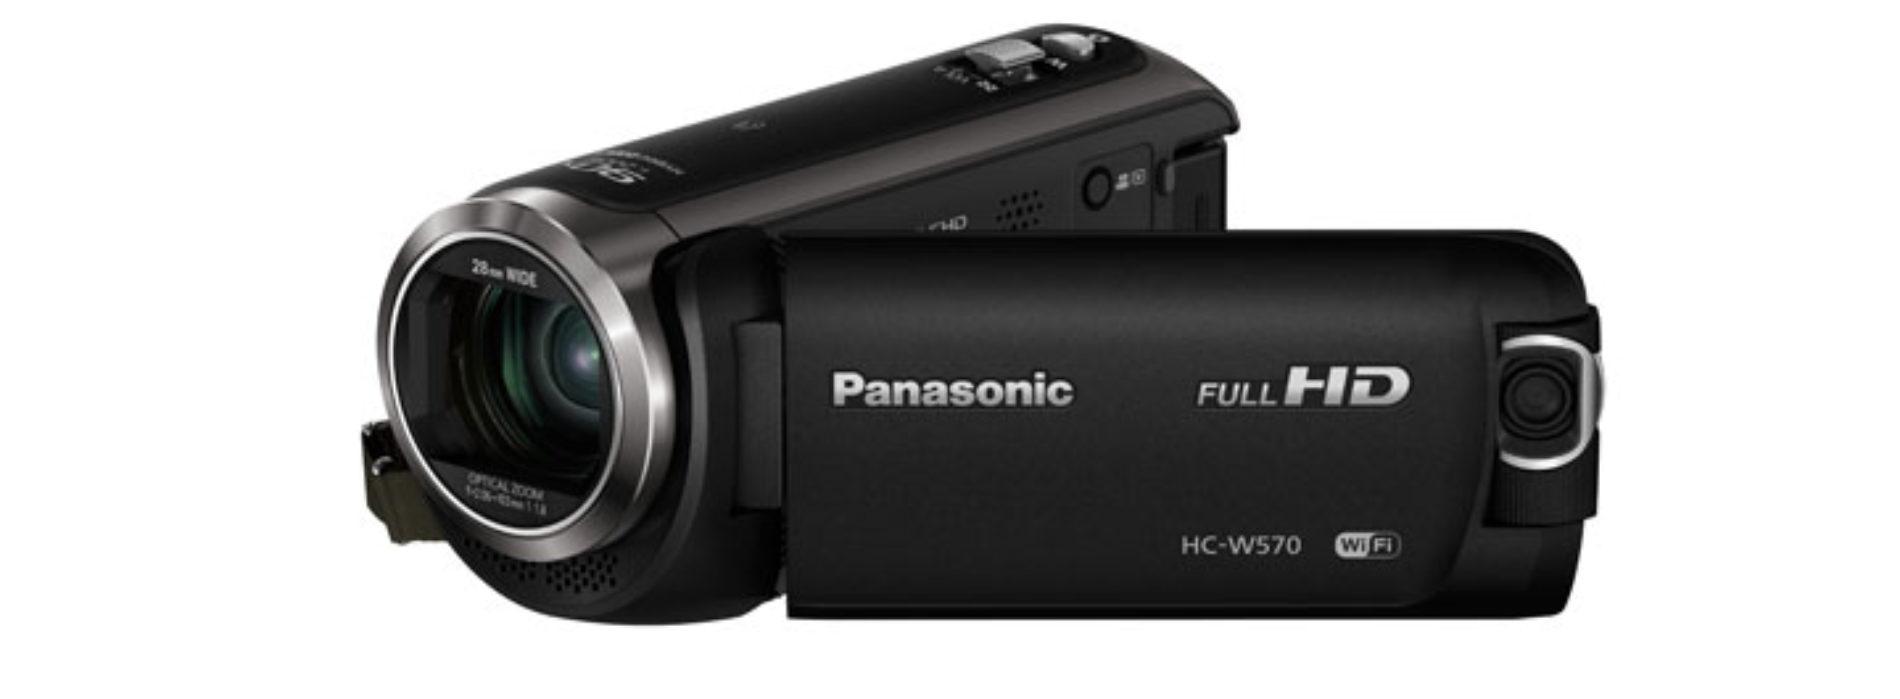 Ремонт цифровых видеокамер Panasonic